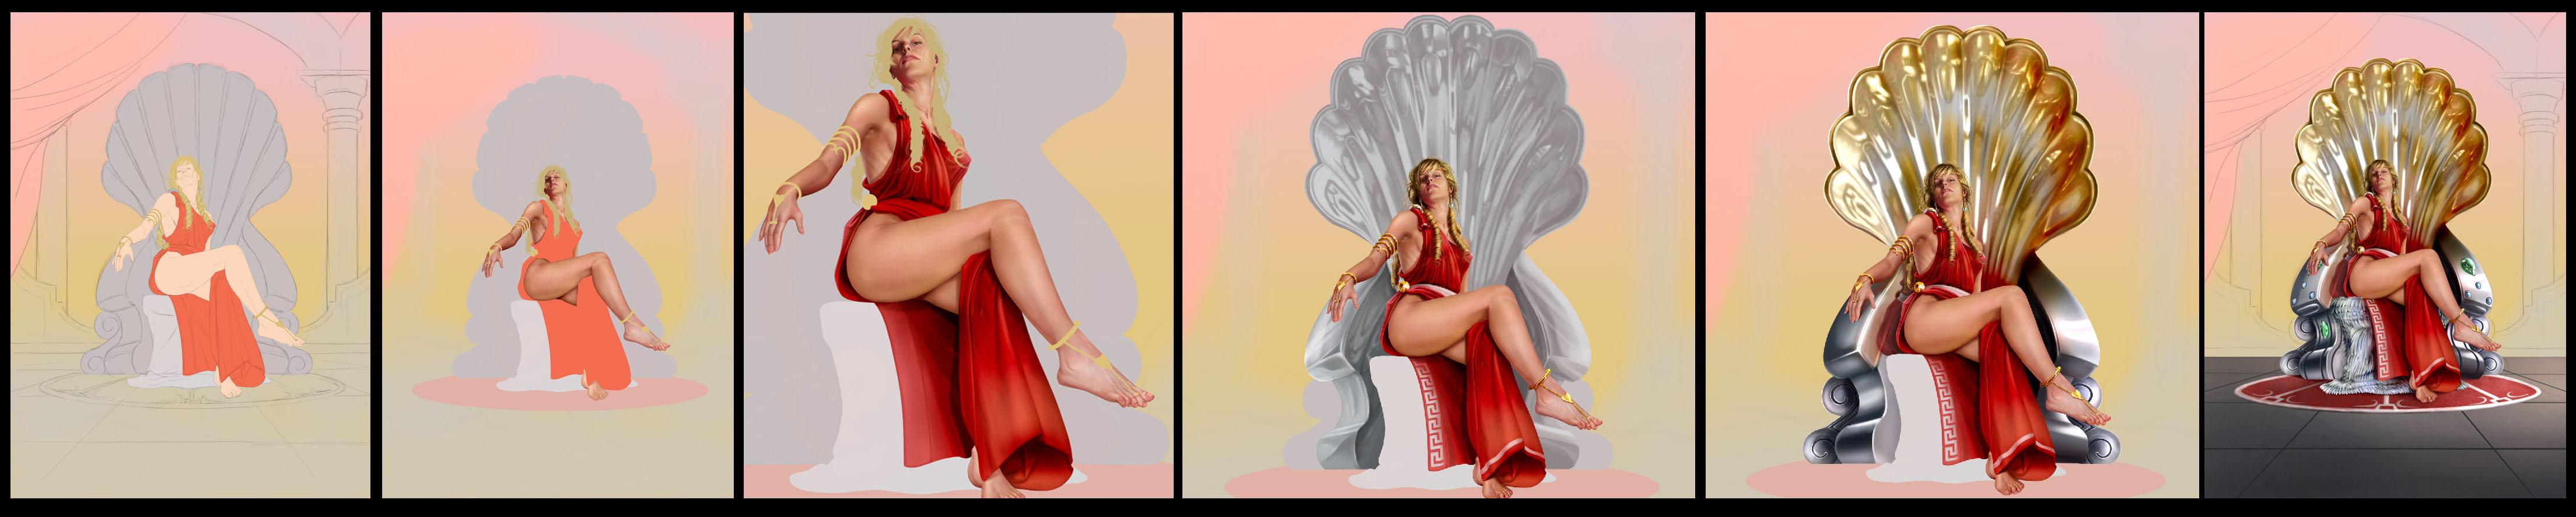 Tema: Afrodita